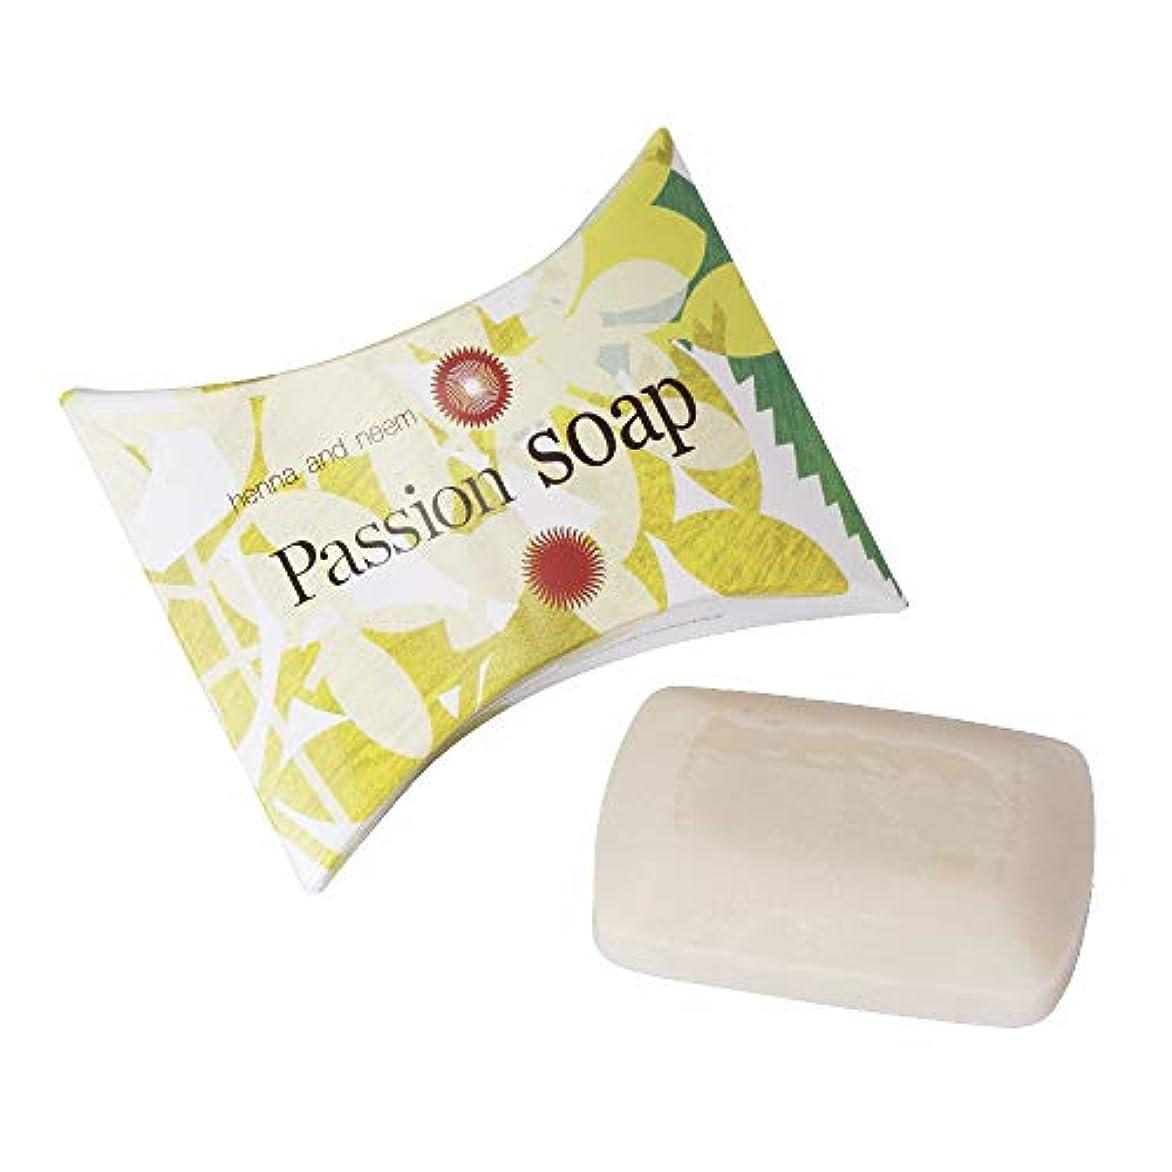 スポーツ感染する見分けるヘナソープ PASSION SOAP 天然サポニンで洗う優しいハーブ石鹸